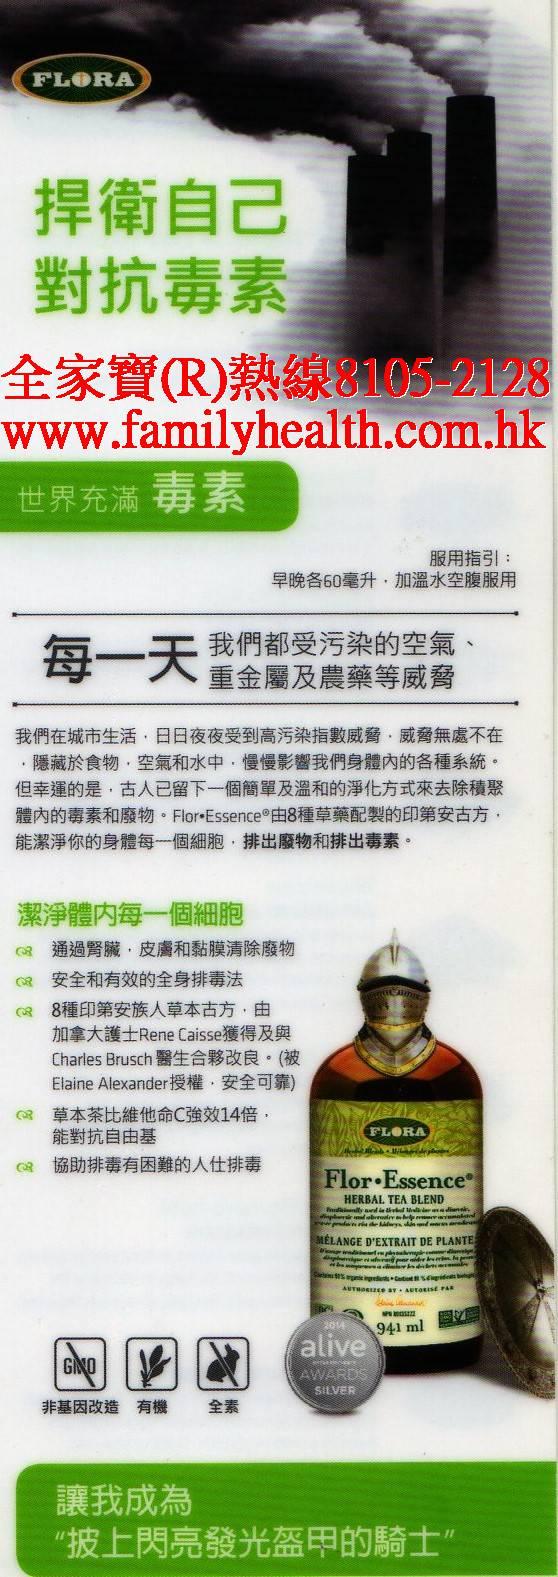 http://www.familyhealth.com.hk/files/full/1168_3.jpg